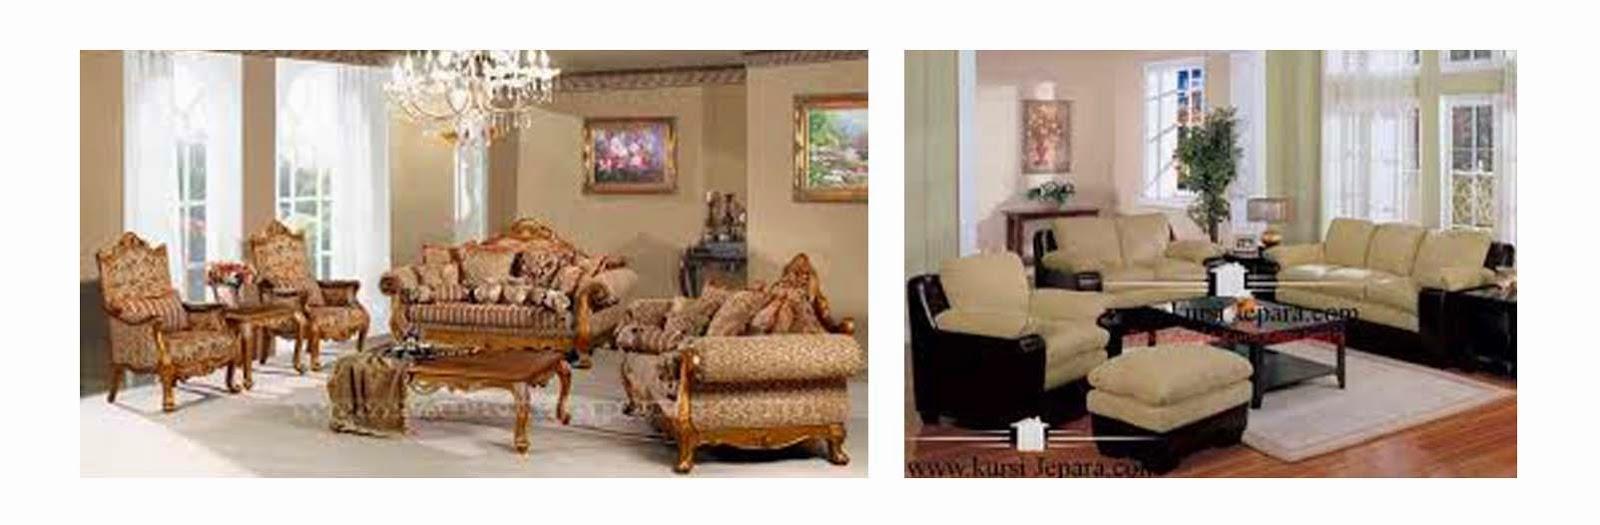 Cara Memilih Harga Kursi Sofa Minimalis Terbaru Berkualitas 2018